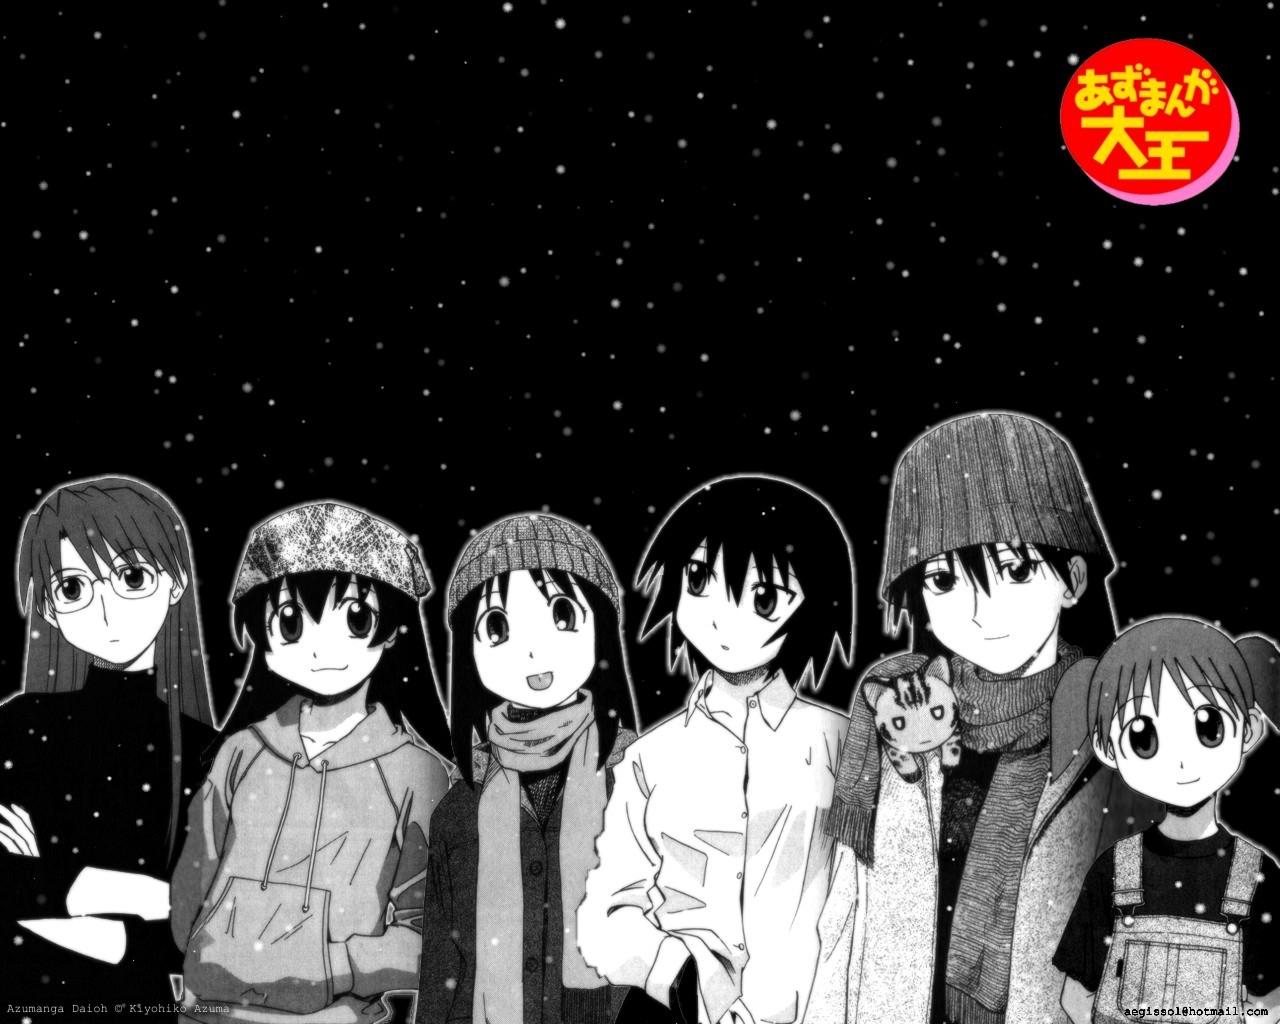 Azumanga Daioh, Wallpaper | page 2 - Zerochan Anime Image Board